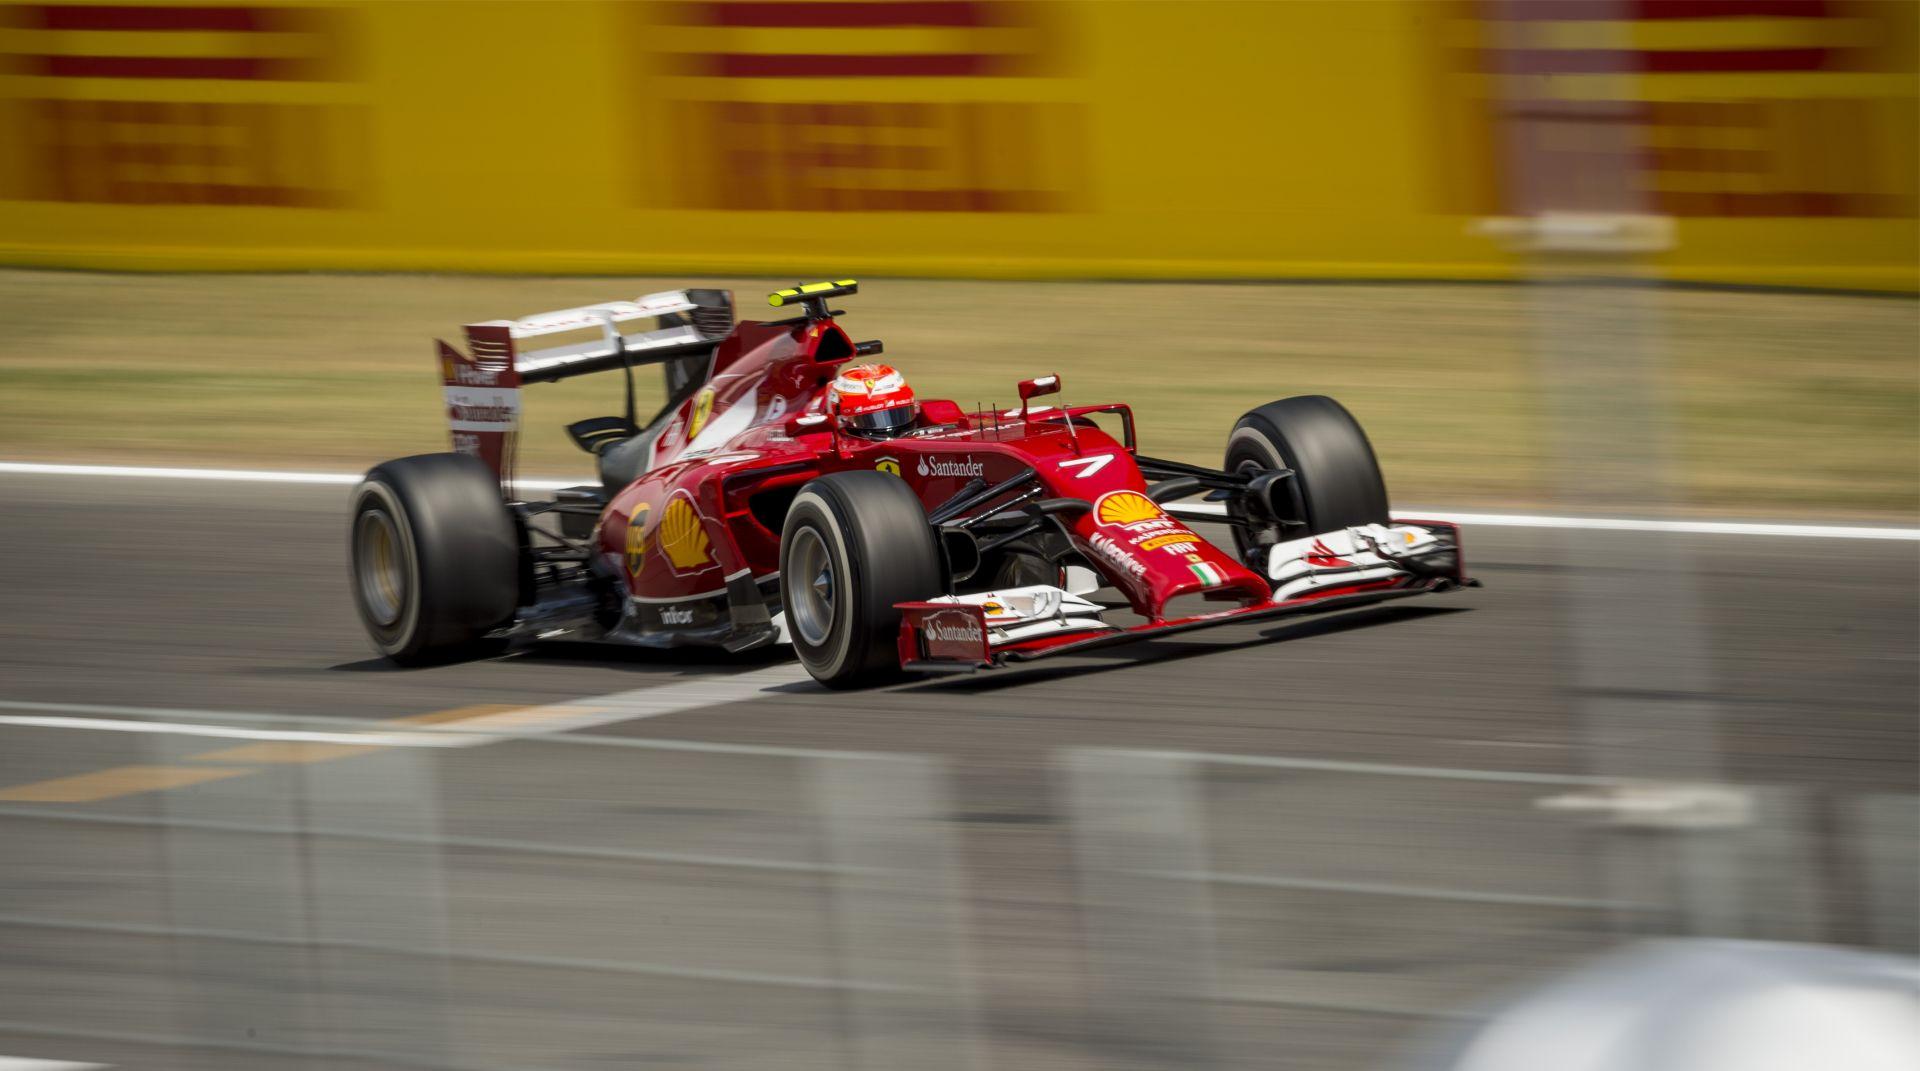 Egy Marussia nyerte az első tesztnapot Barcelonában, Raikkönen csak szenvedett a Ferrarival